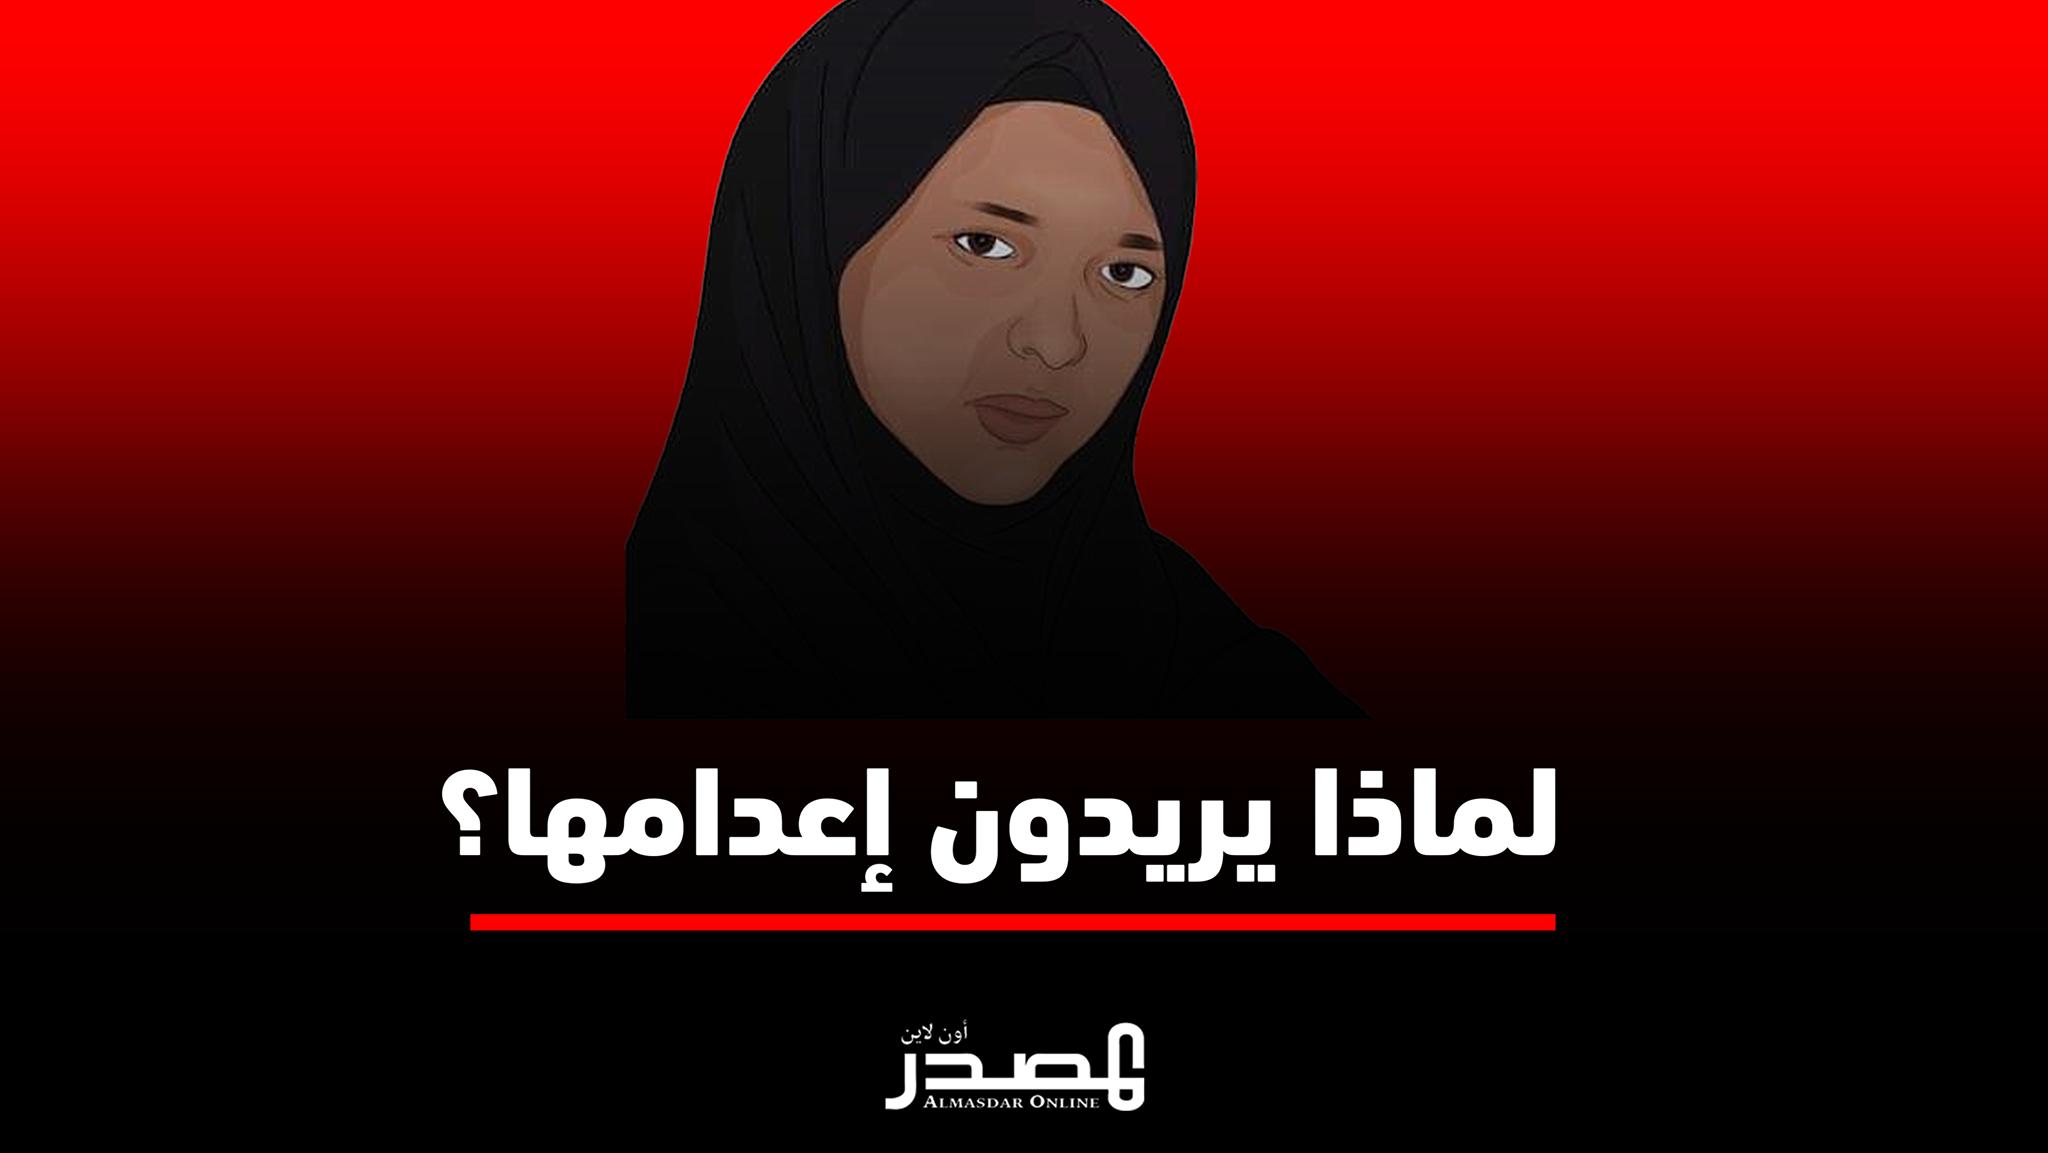 """ما هي قصة """"أسماء العميسي"""" التي تحاكم من قبل الحوثيين وتواجه عقوبة الإعدام؟"""